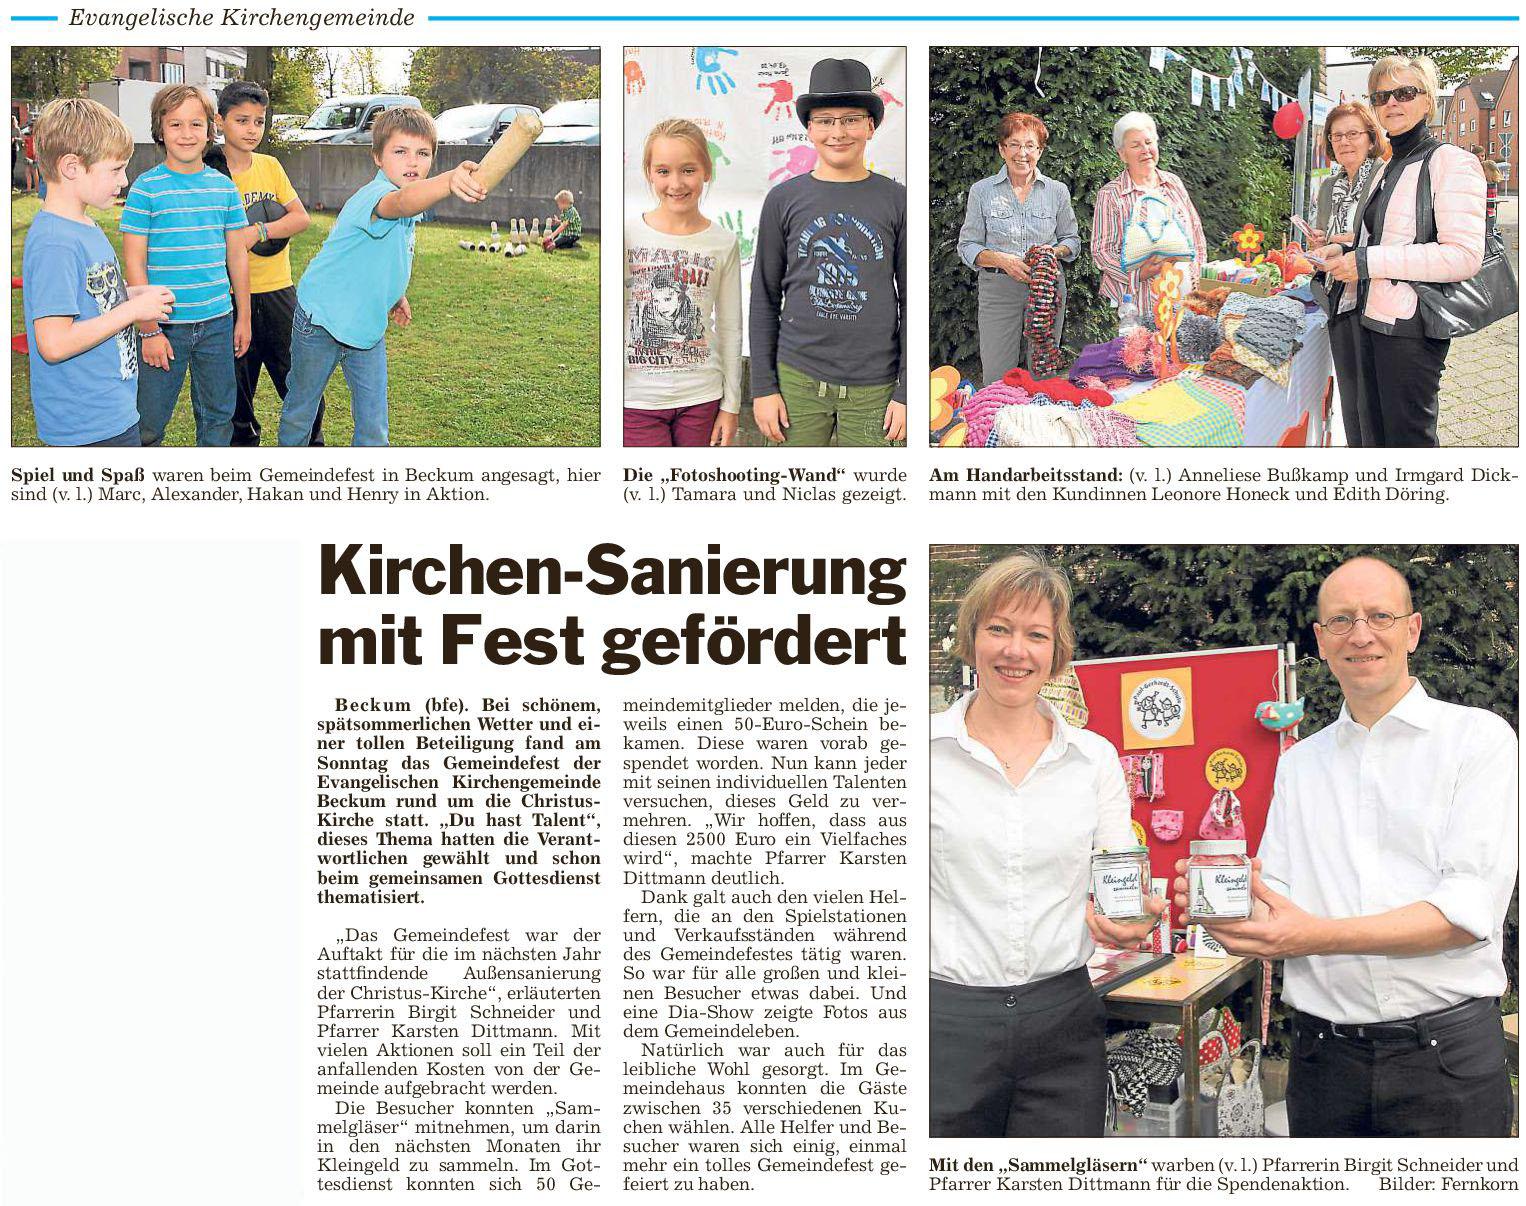 140930 Gemeindefest.jpg